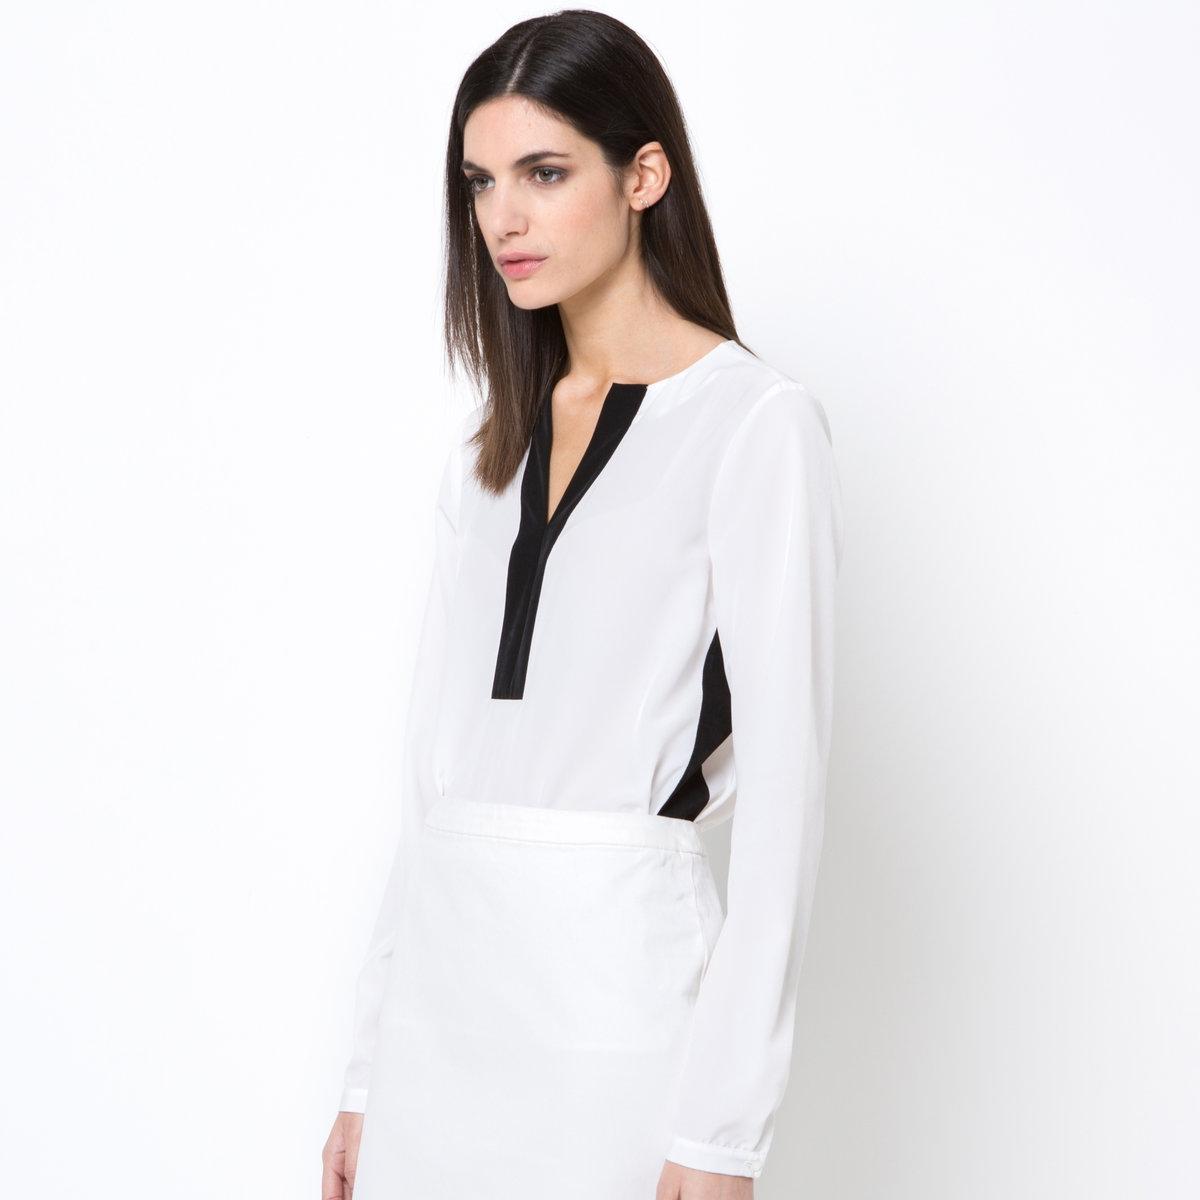 Блузка двухцветная рамка двухцветная мягкая la neige рамка двухцветная мягкая